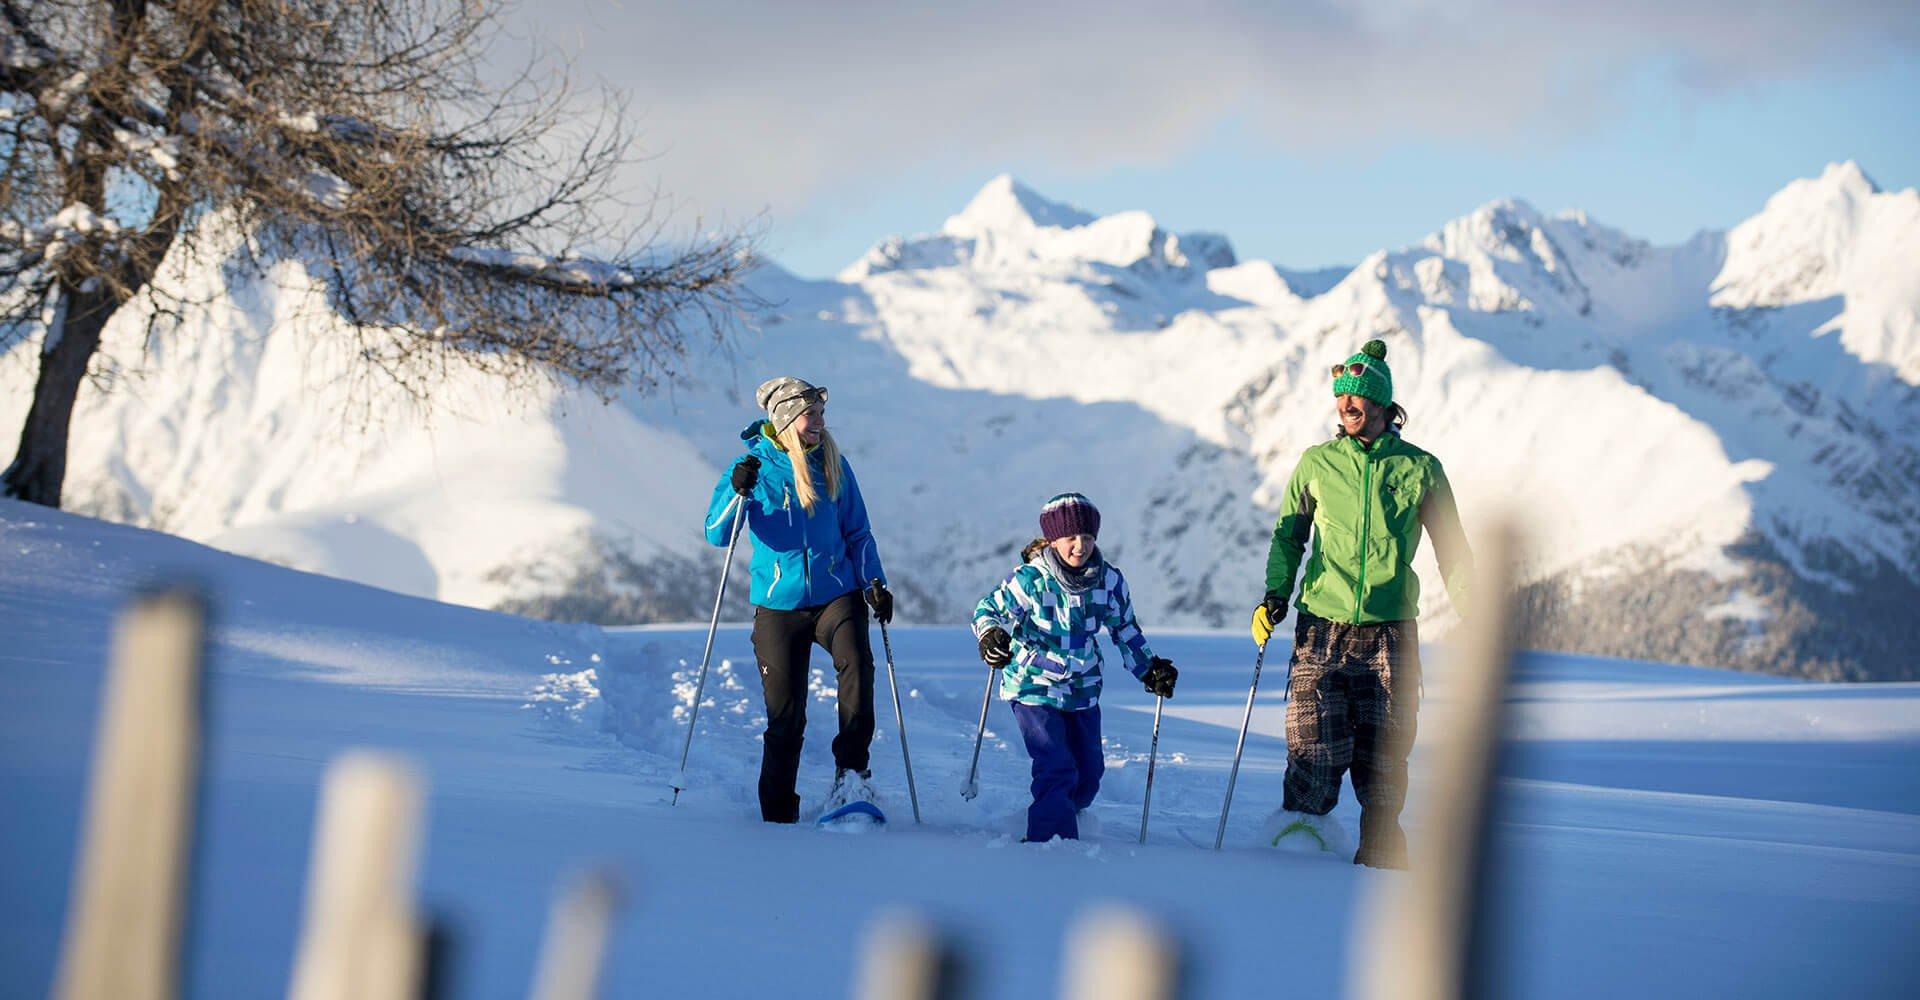 Oberhauserhütte - Winterurlaub auf der Alm in Südtirol